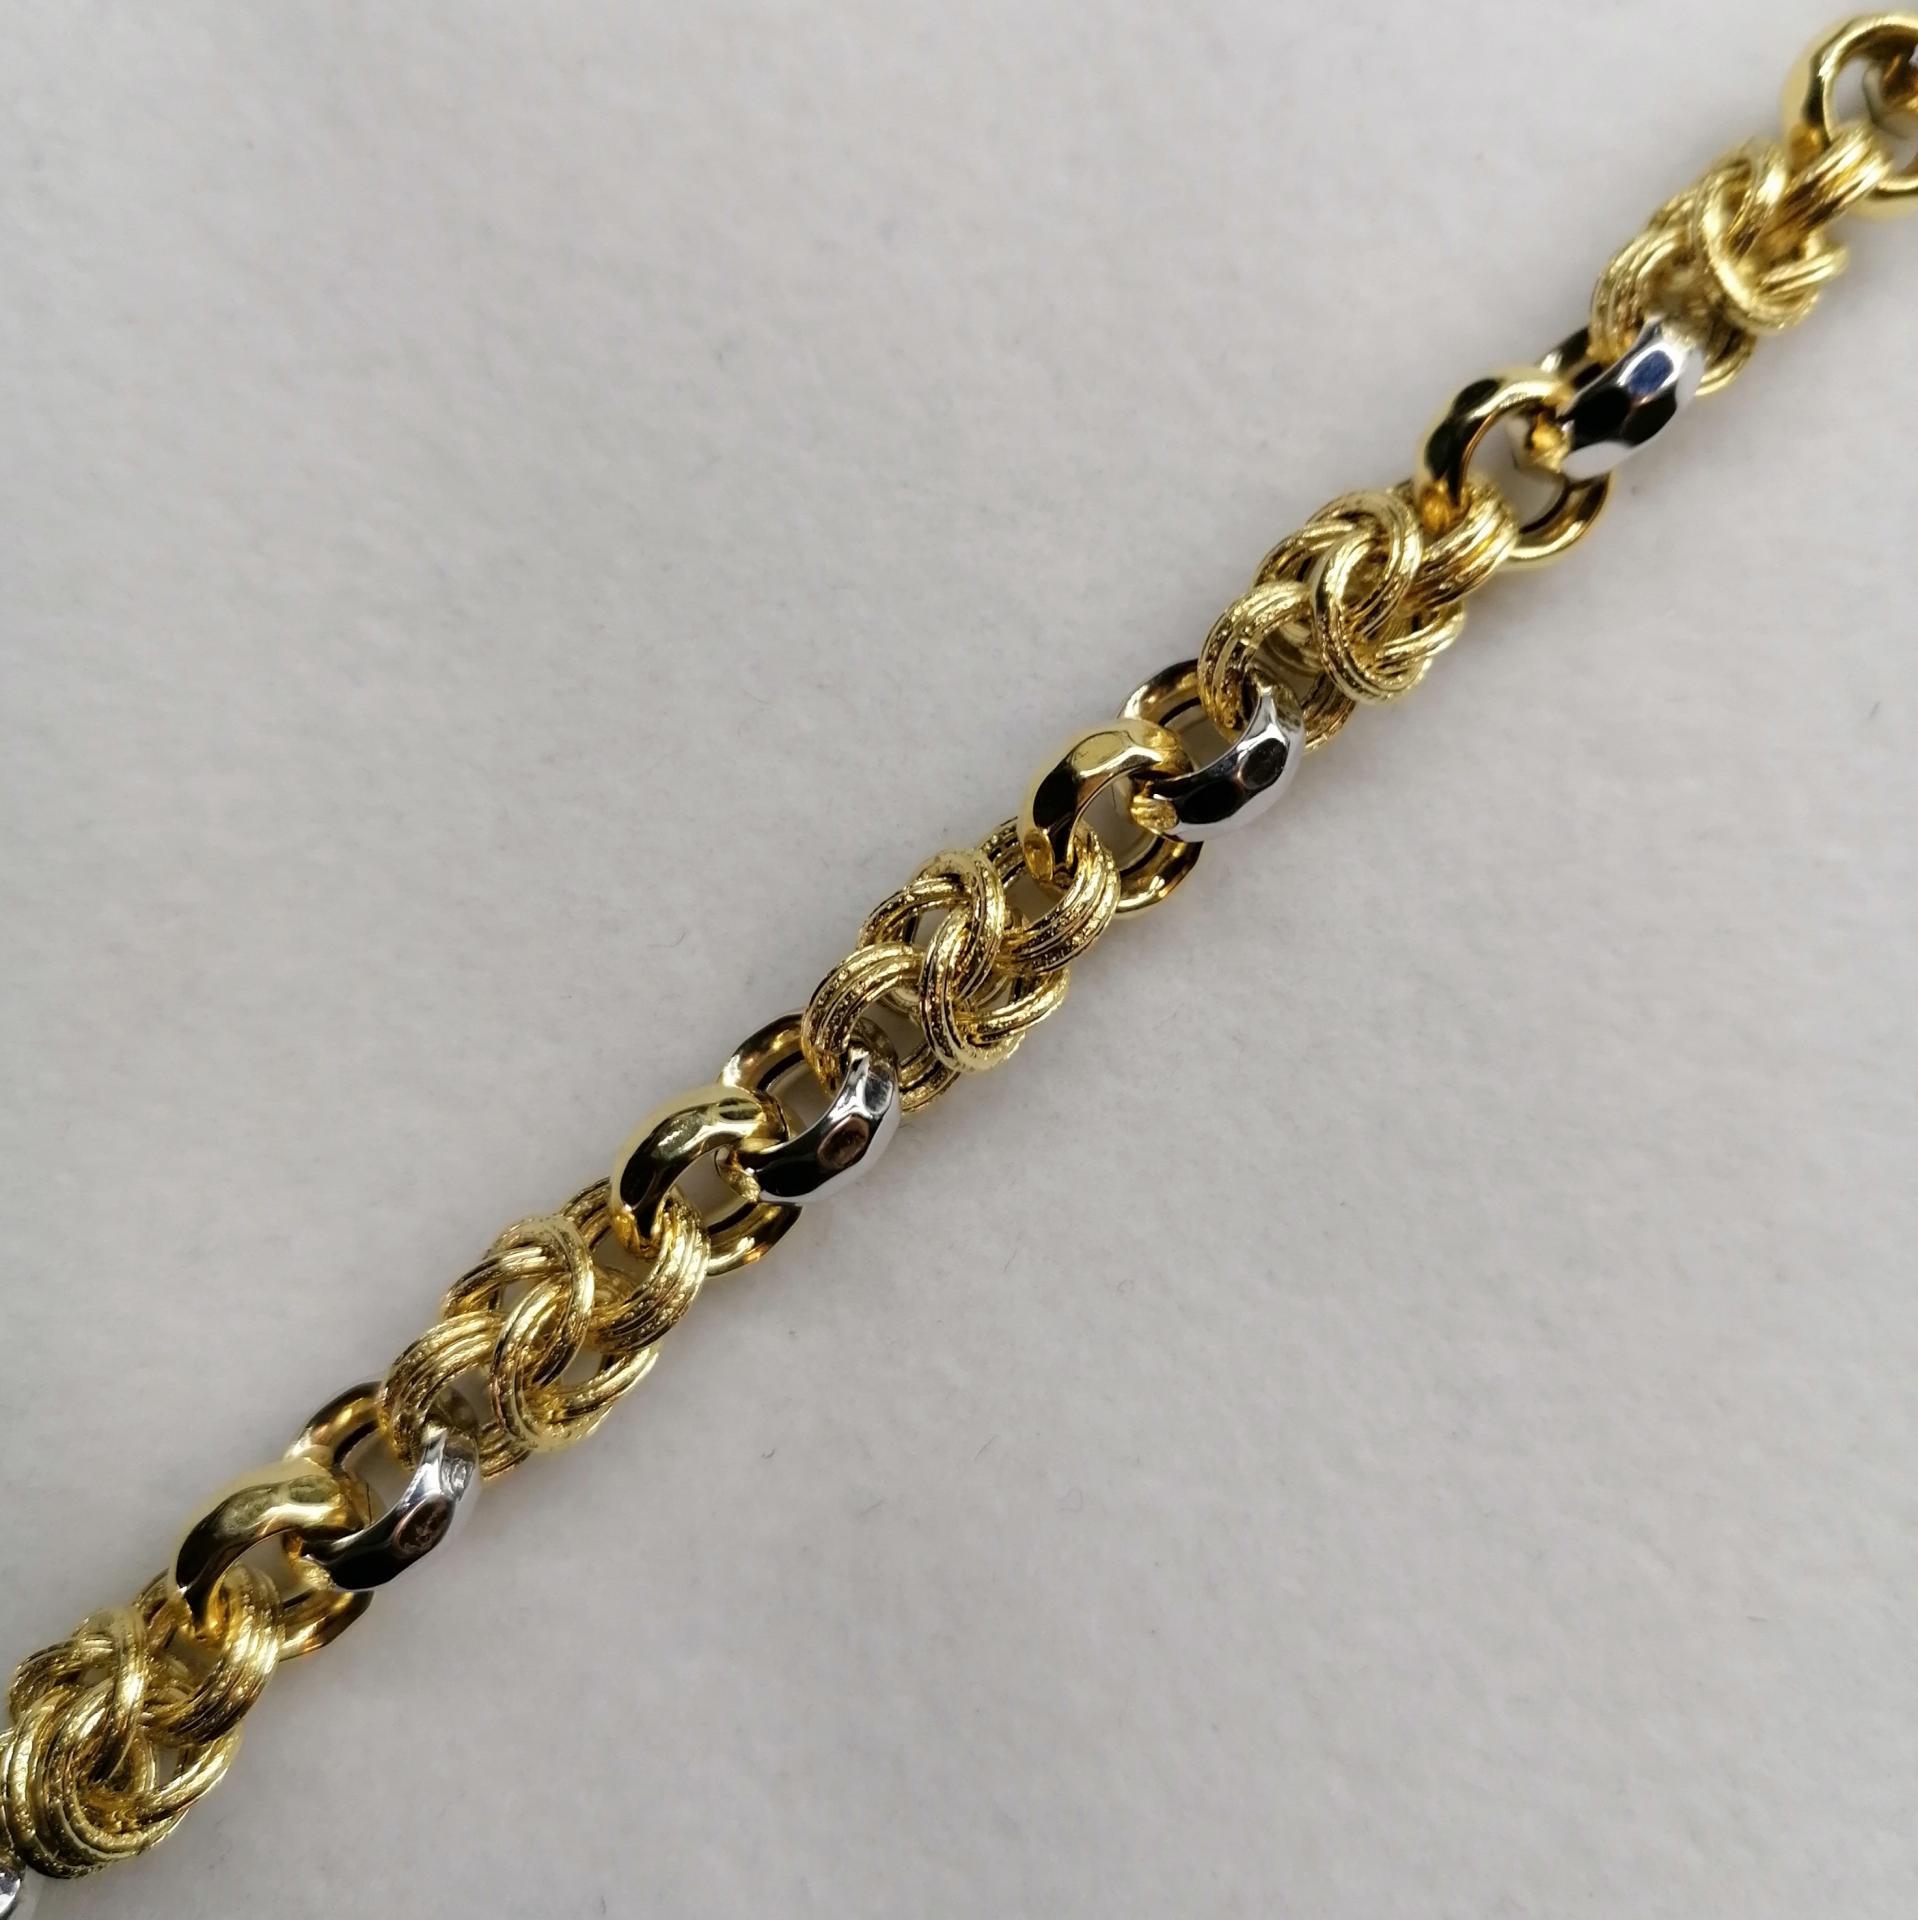 Pulsera De Oro Amarillo Y Blanco Espectacular Diseño